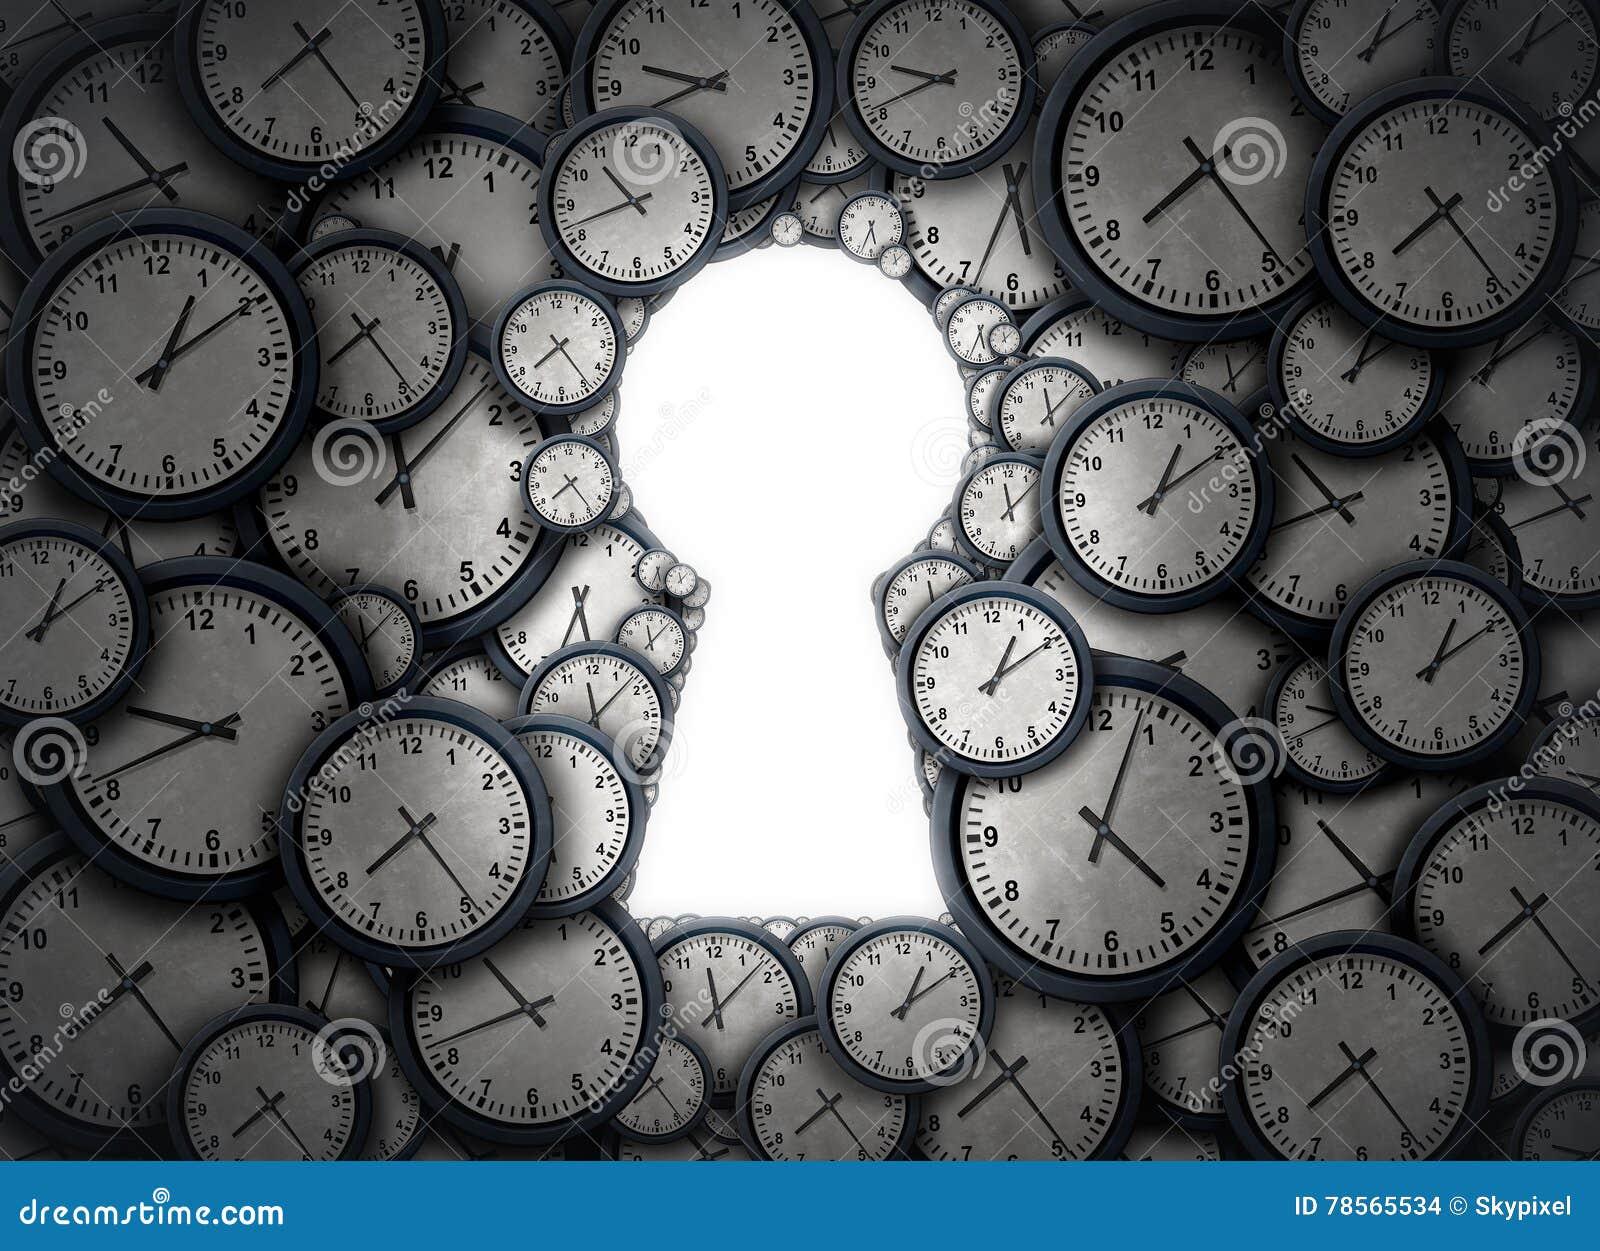 时间关键解答